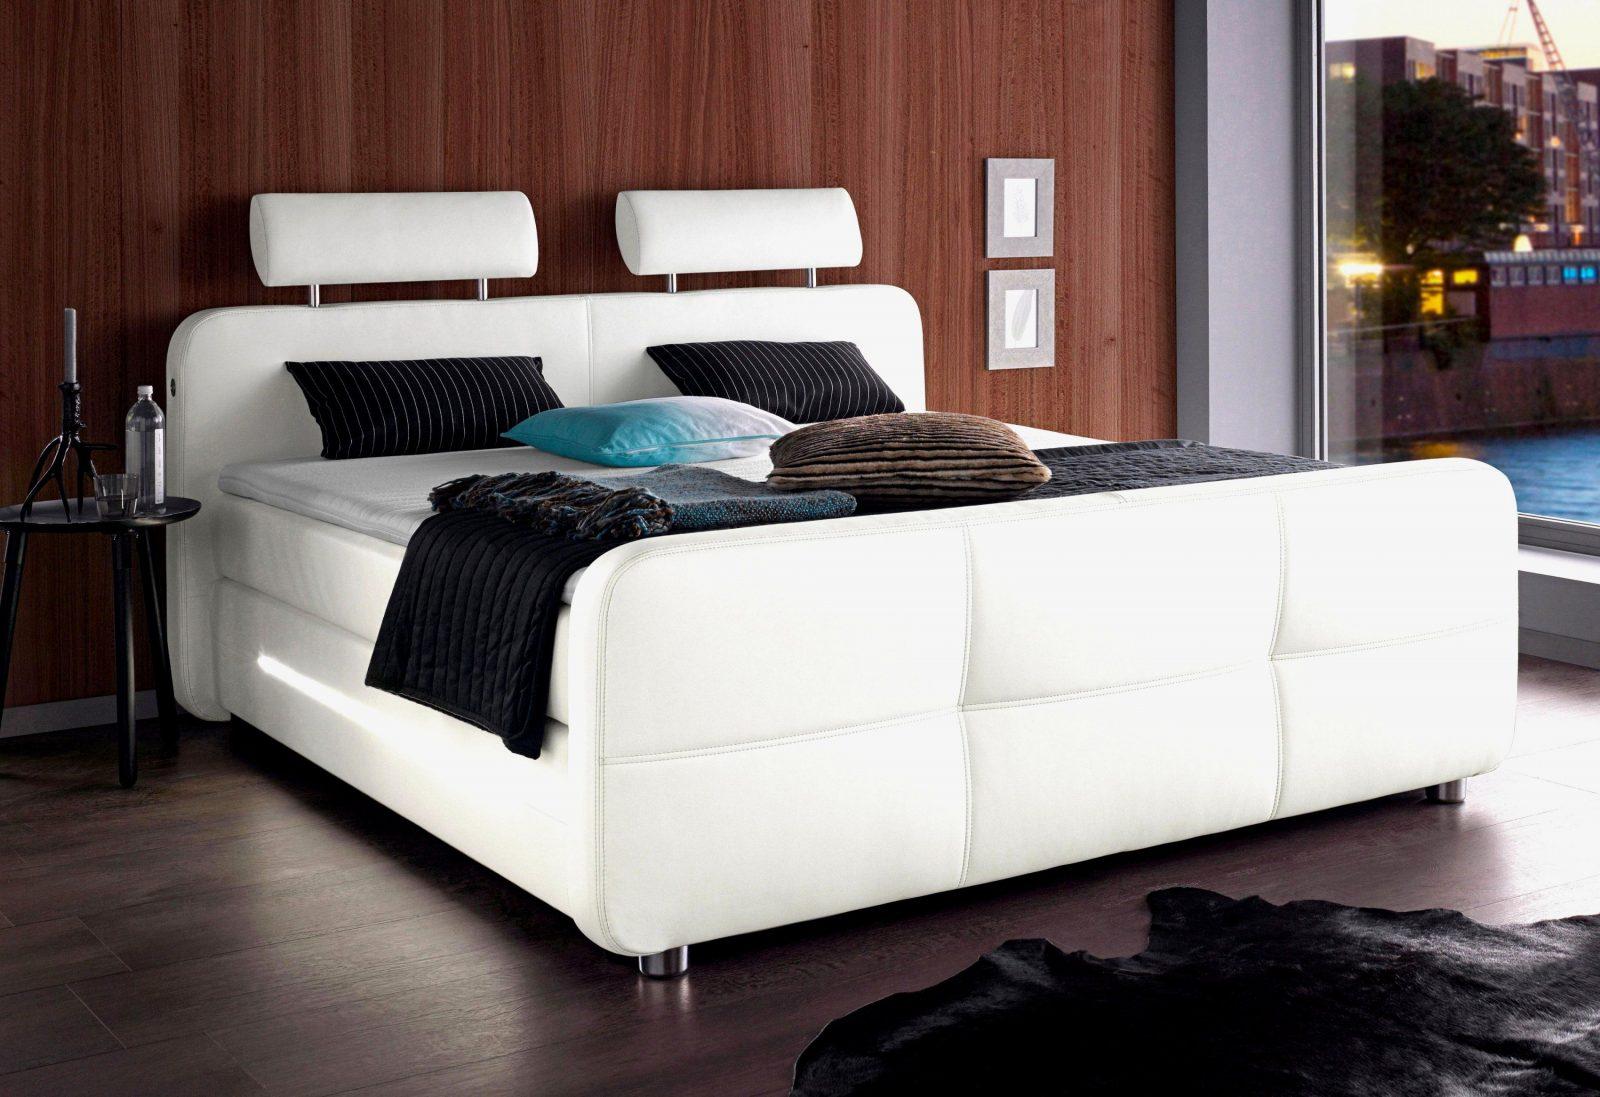 Beste Bett Auf Raten Kaufen Betten In 31247 Haus Ideen Galerie von Boxspringbett 180X200 Ratenkauf Bild